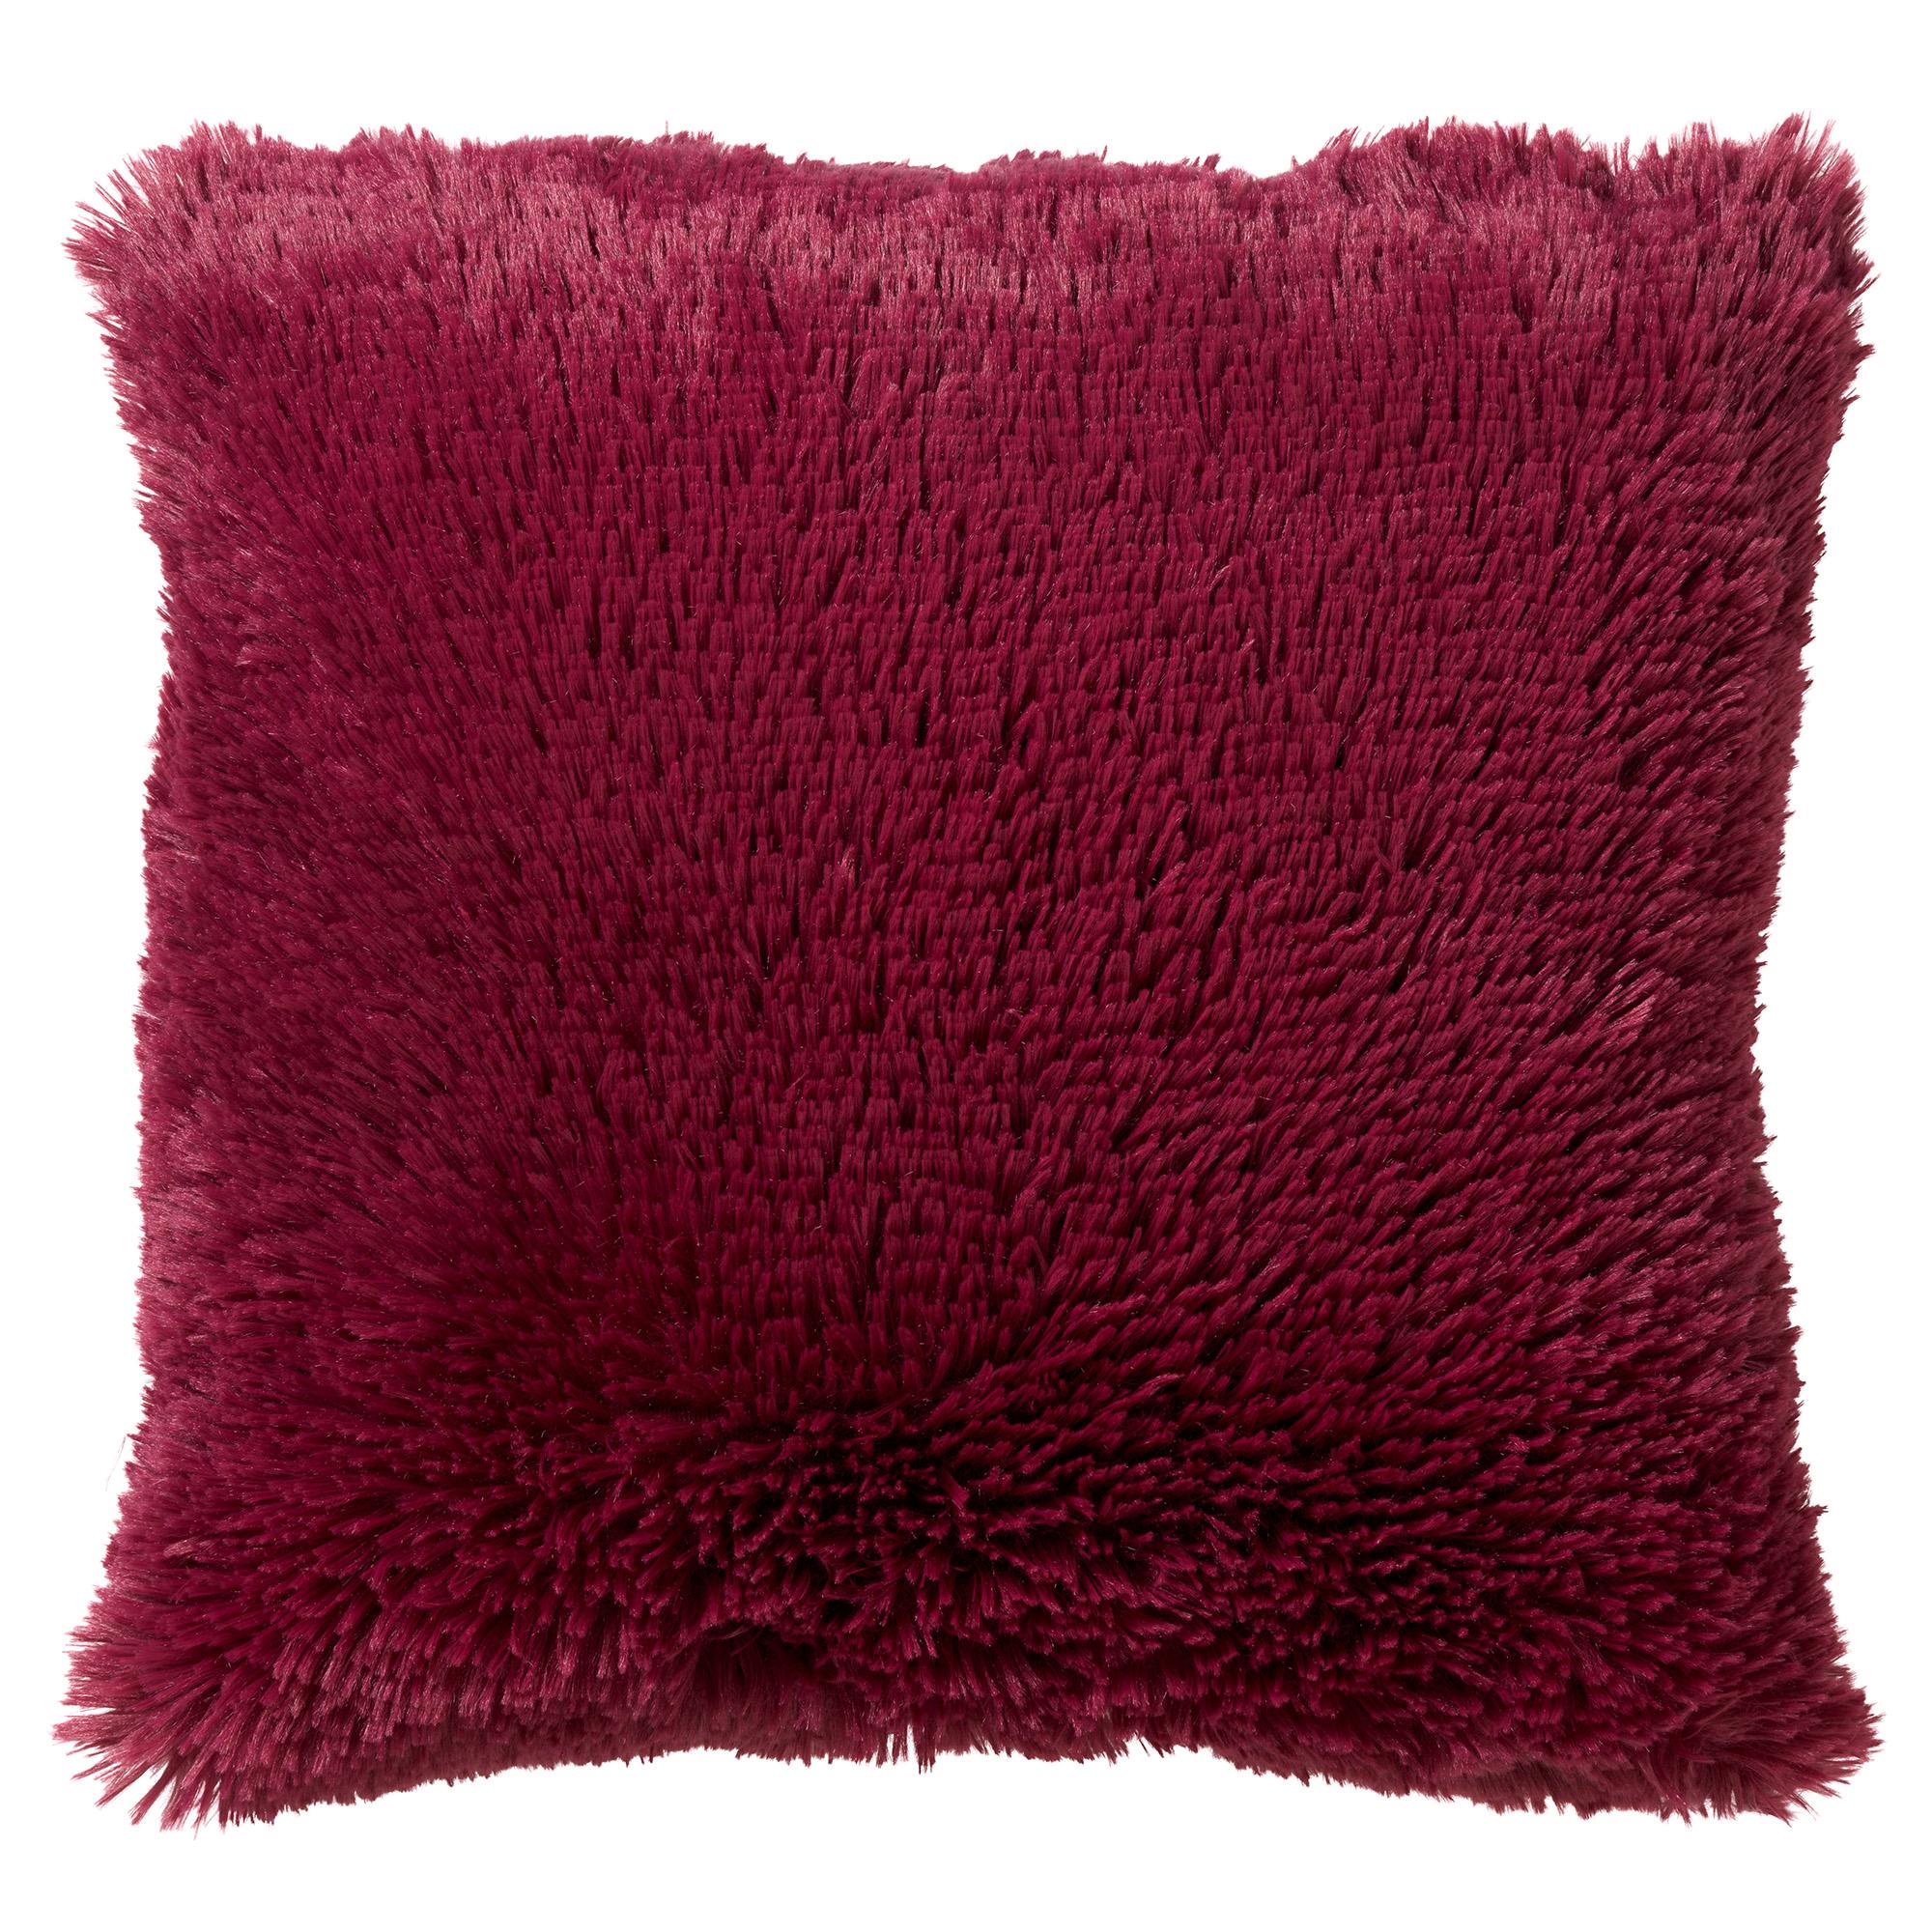 FLUFFY - Sierkussen unikleur Red Plum 60x60 cm